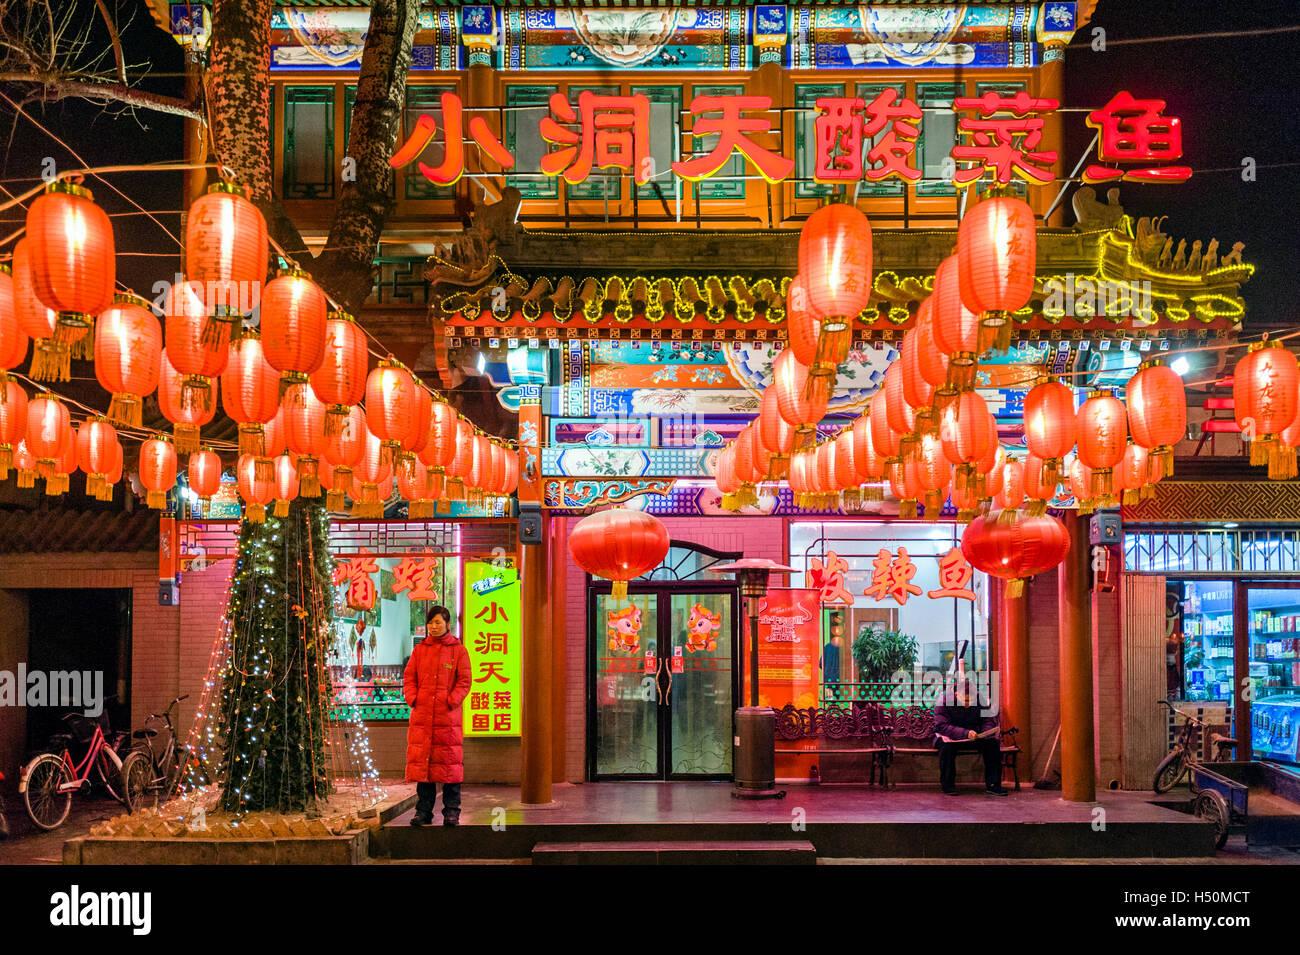 Vue de la nuit de Chinese Restaurant décoré avec des lanternes rouges à Beijing Chine Photo Stock